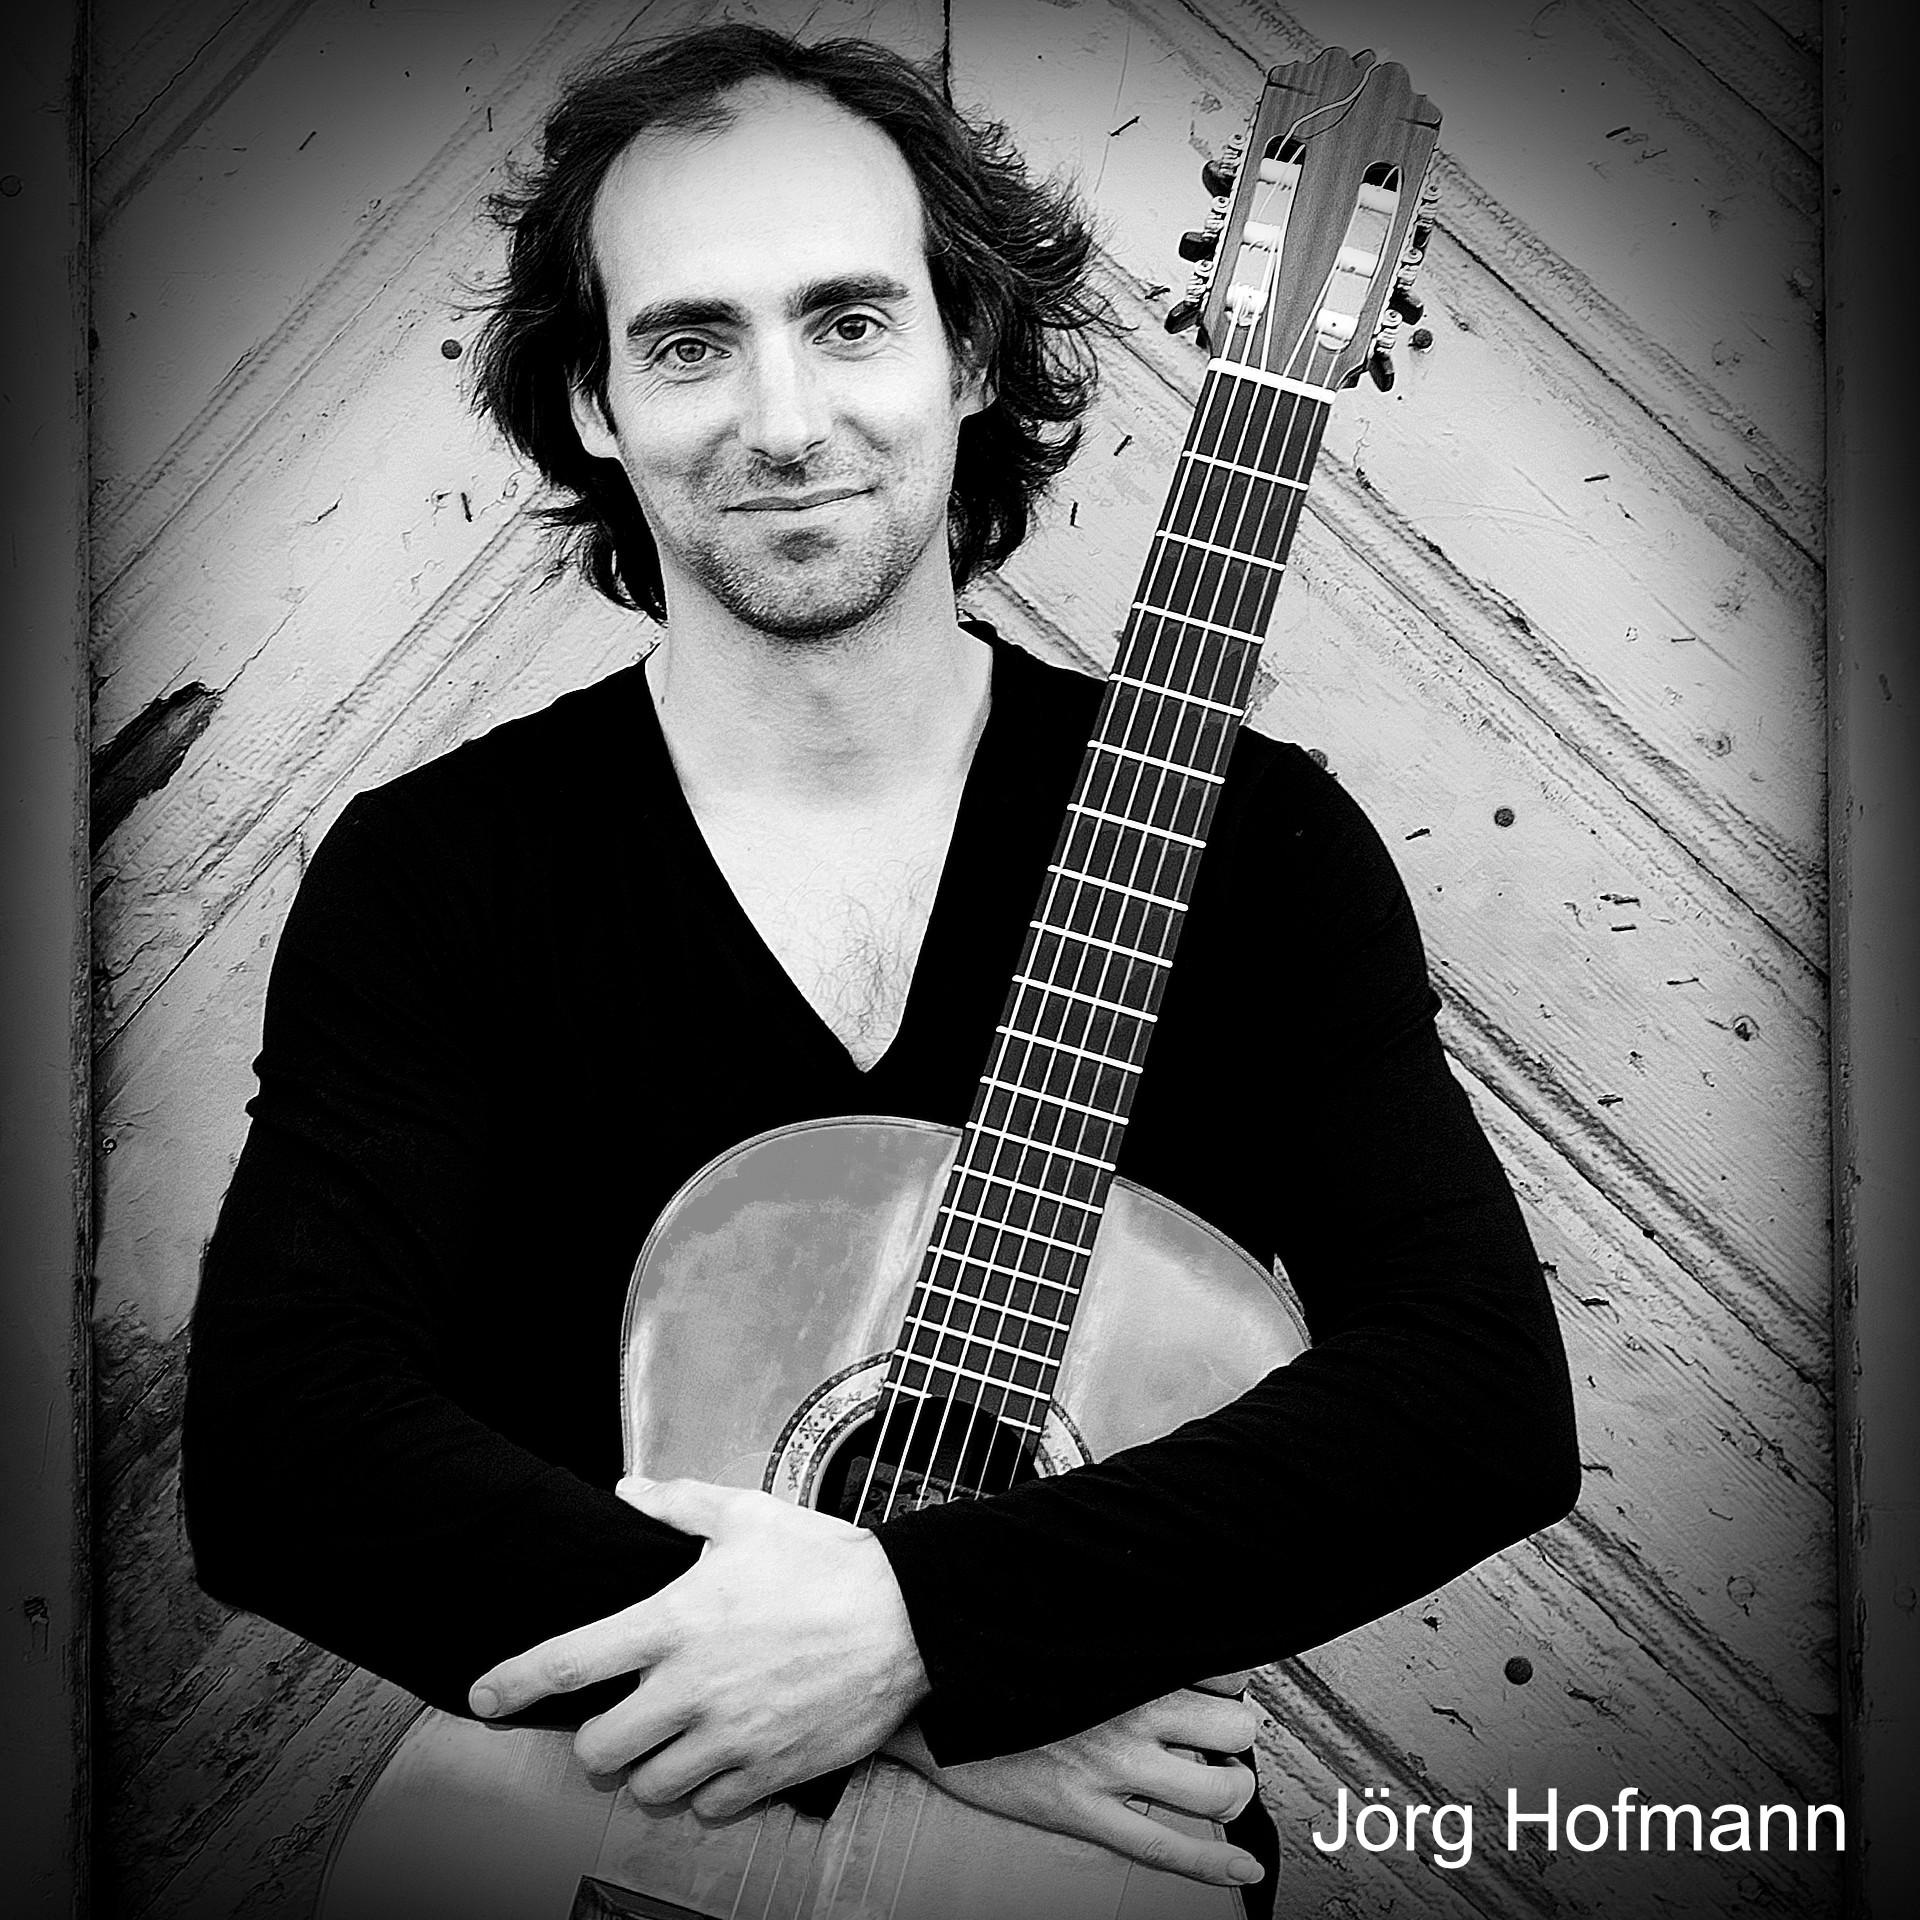 Jörg Hofmann